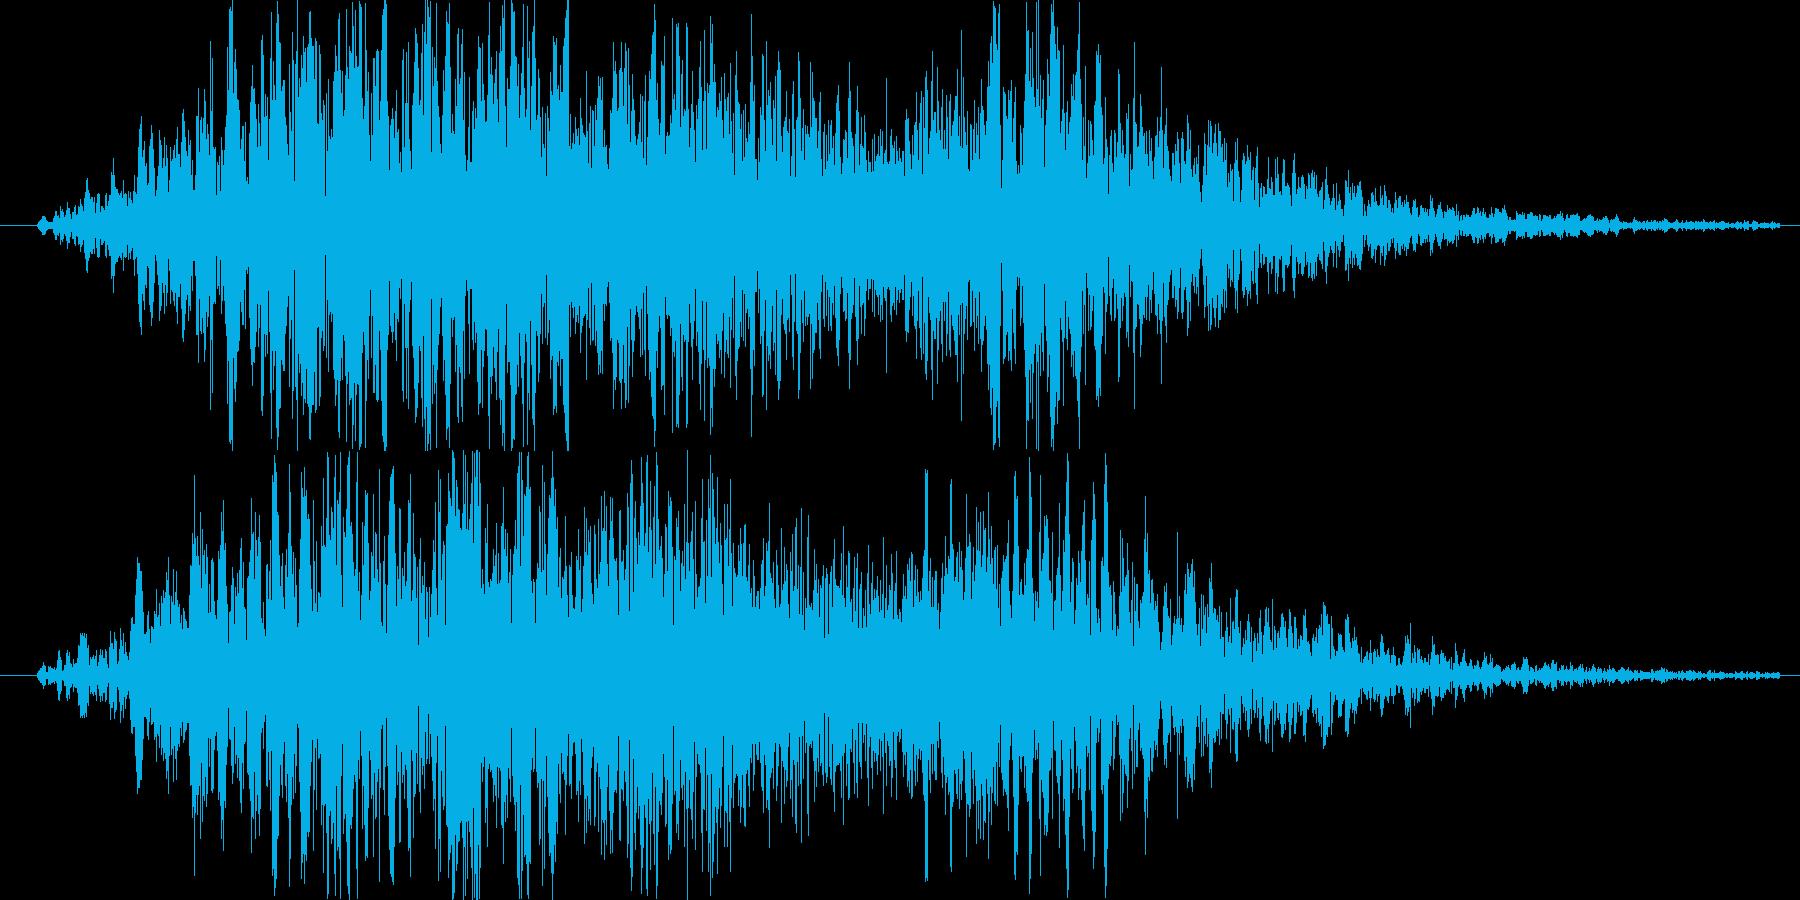 草食恐竜系のノーマルな鳴き声2の再生済みの波形